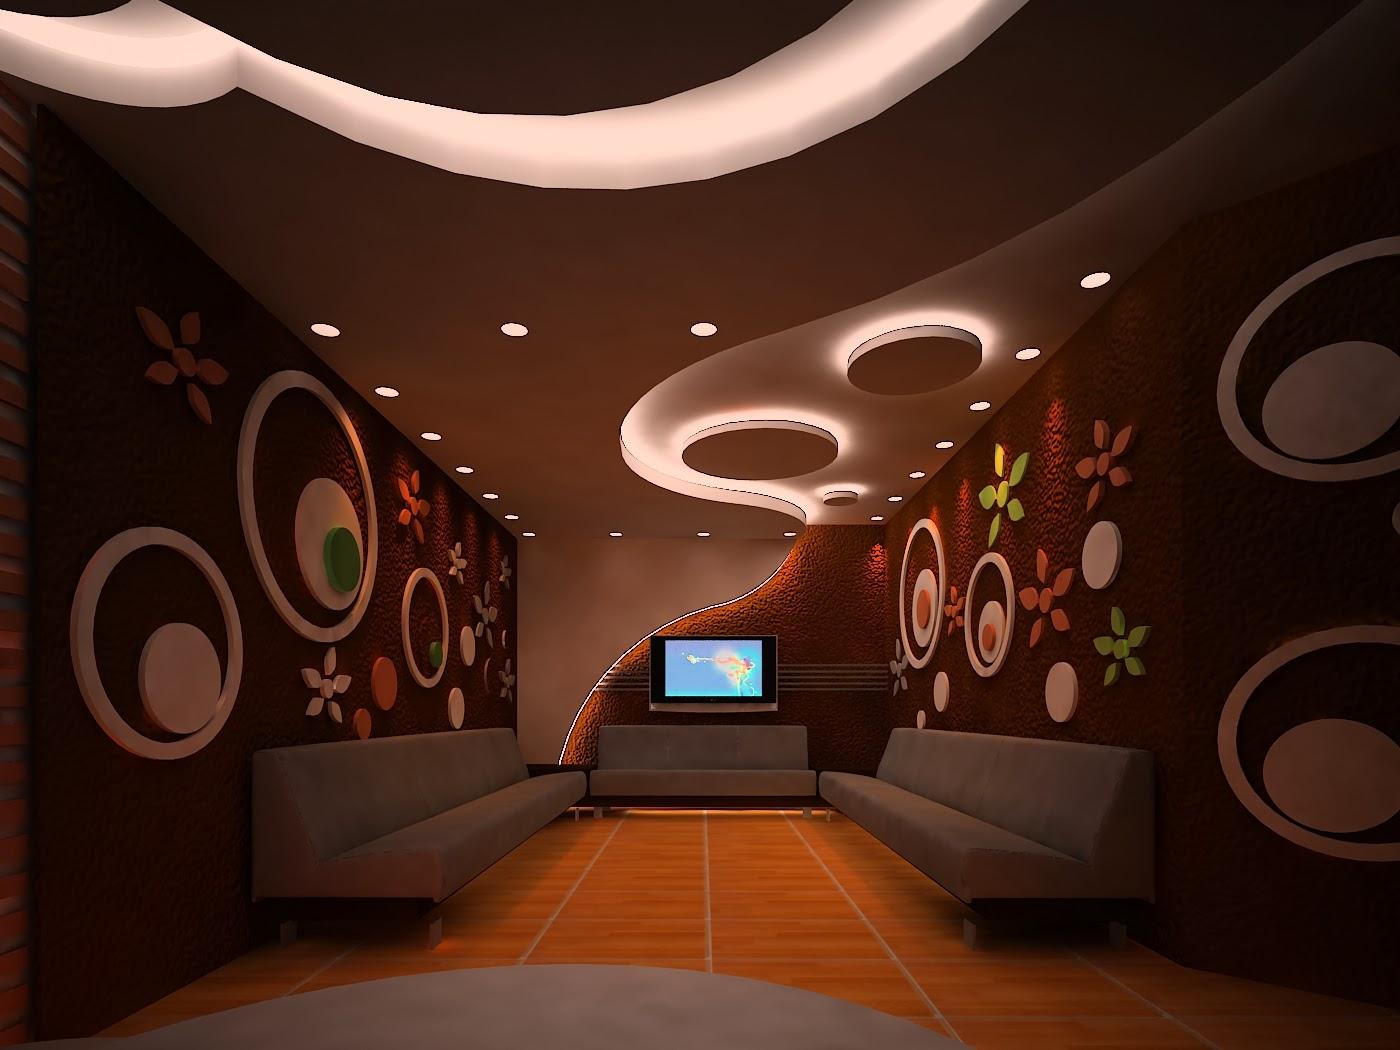 mẫu thiết kế thi công phòng hát karaoke